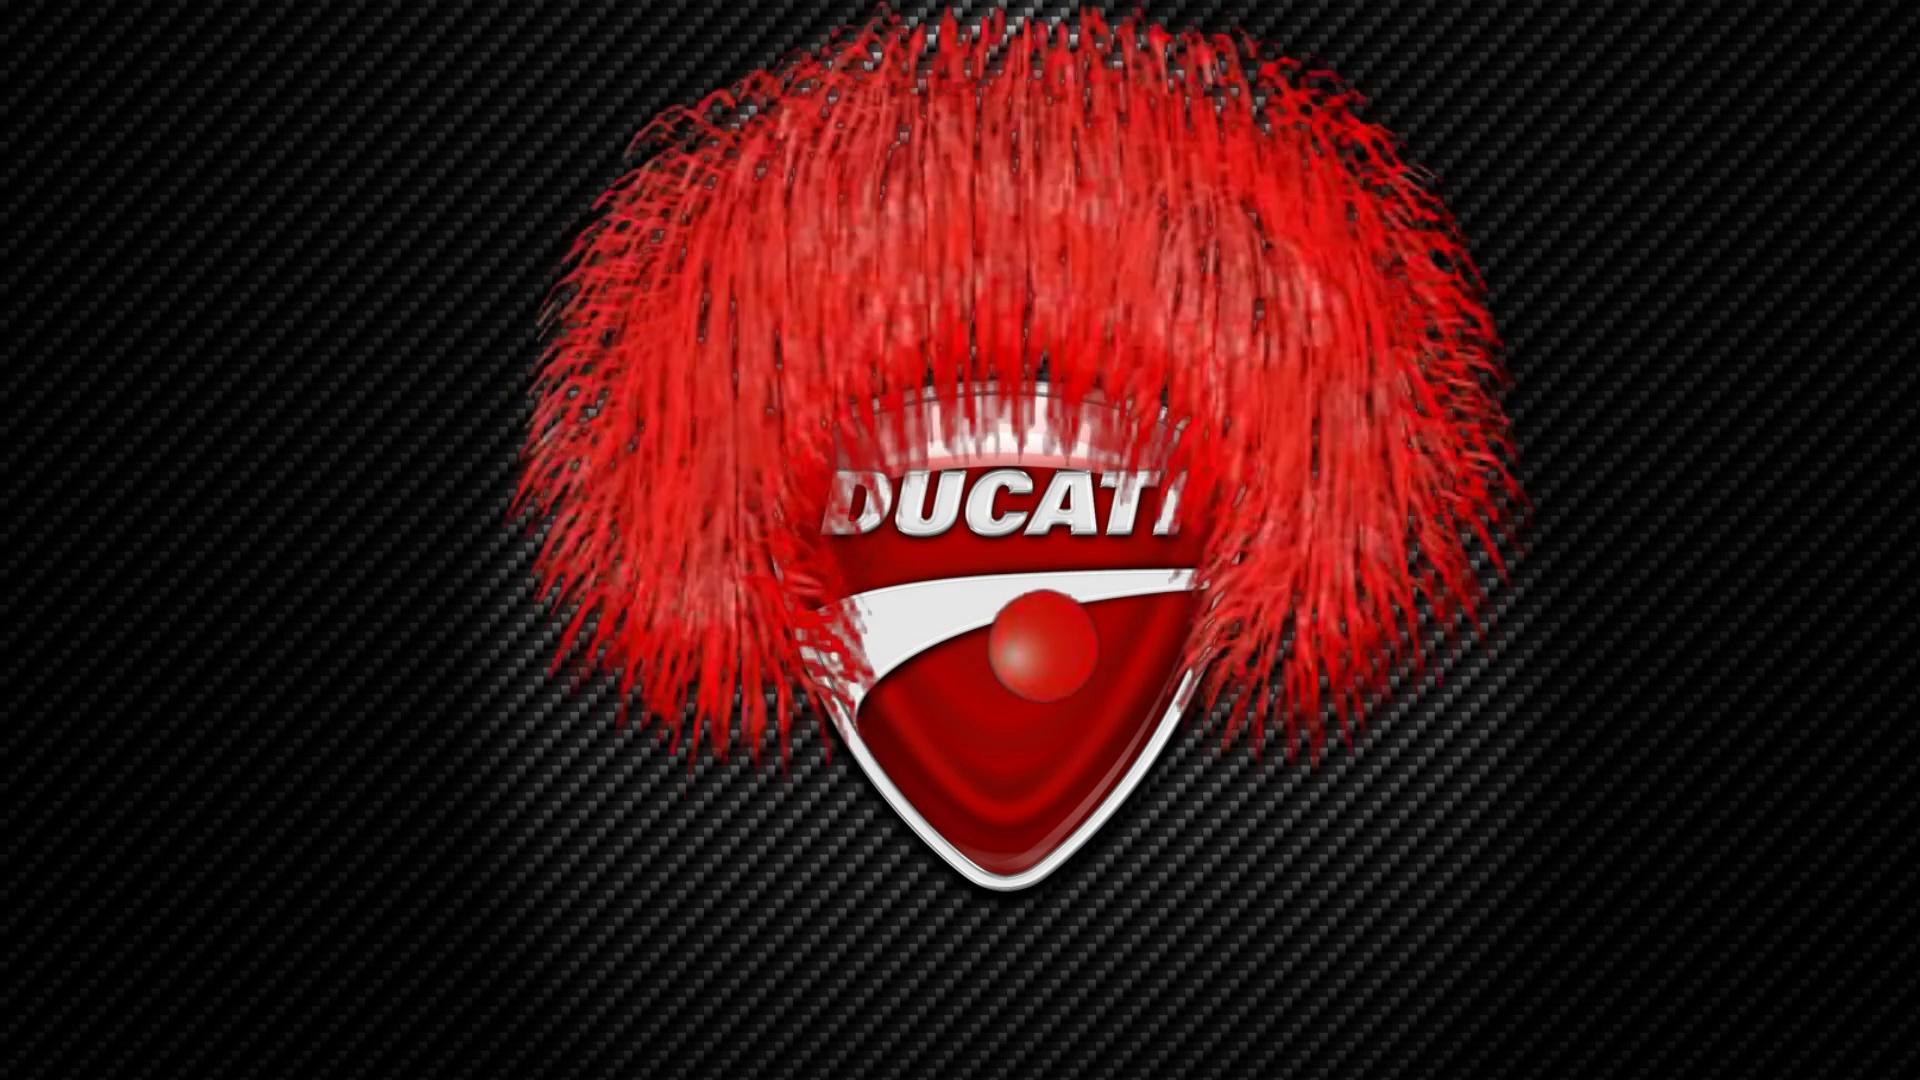 [Ducati 1100 Hypermotard] Ducati Legend !